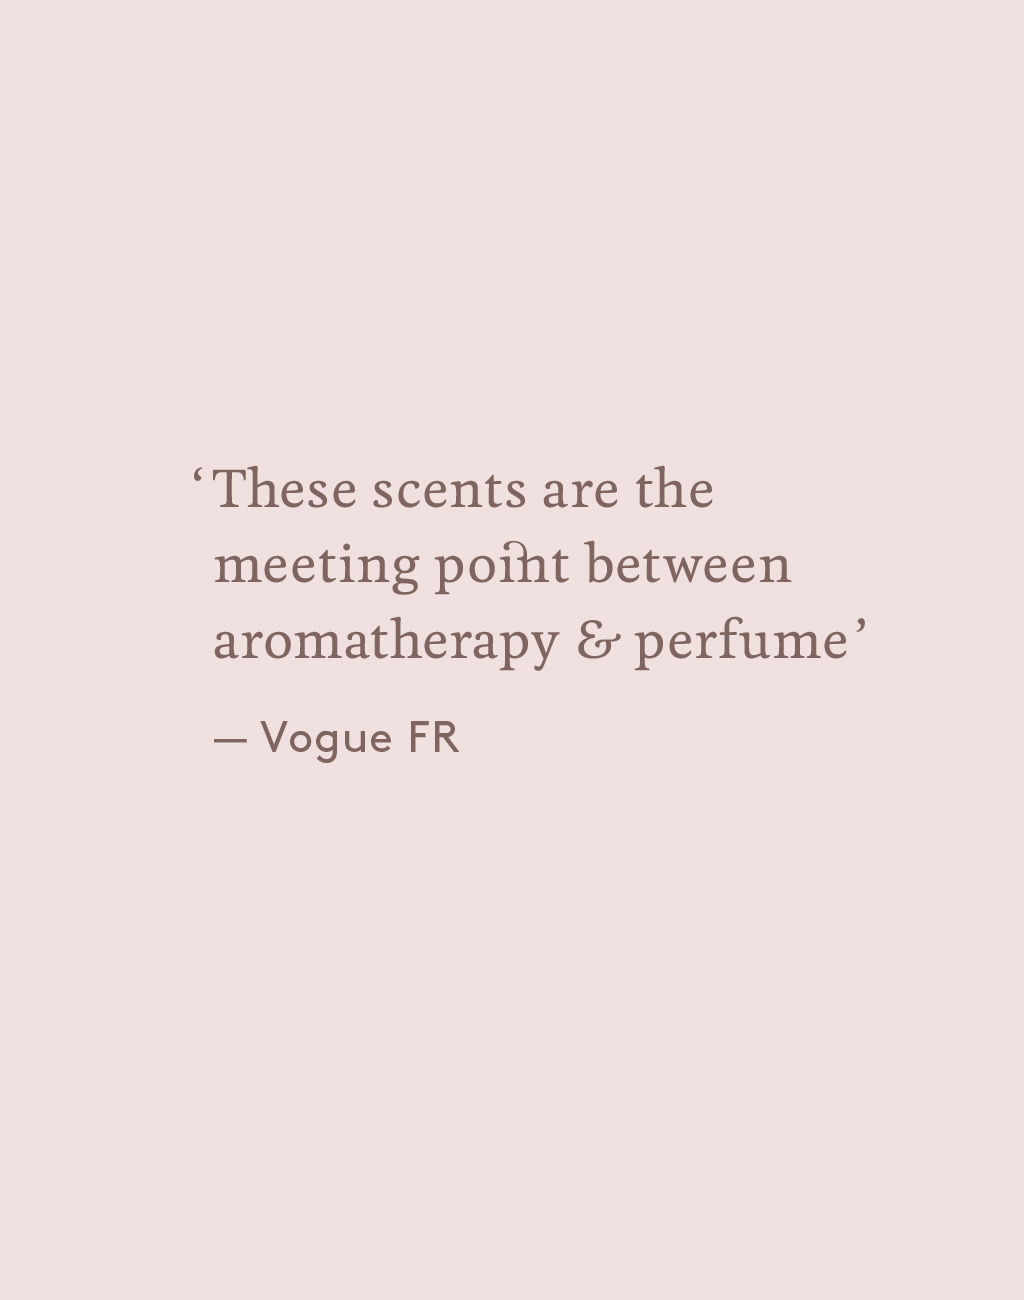 bodha-therapeutic-perfumery.jpg